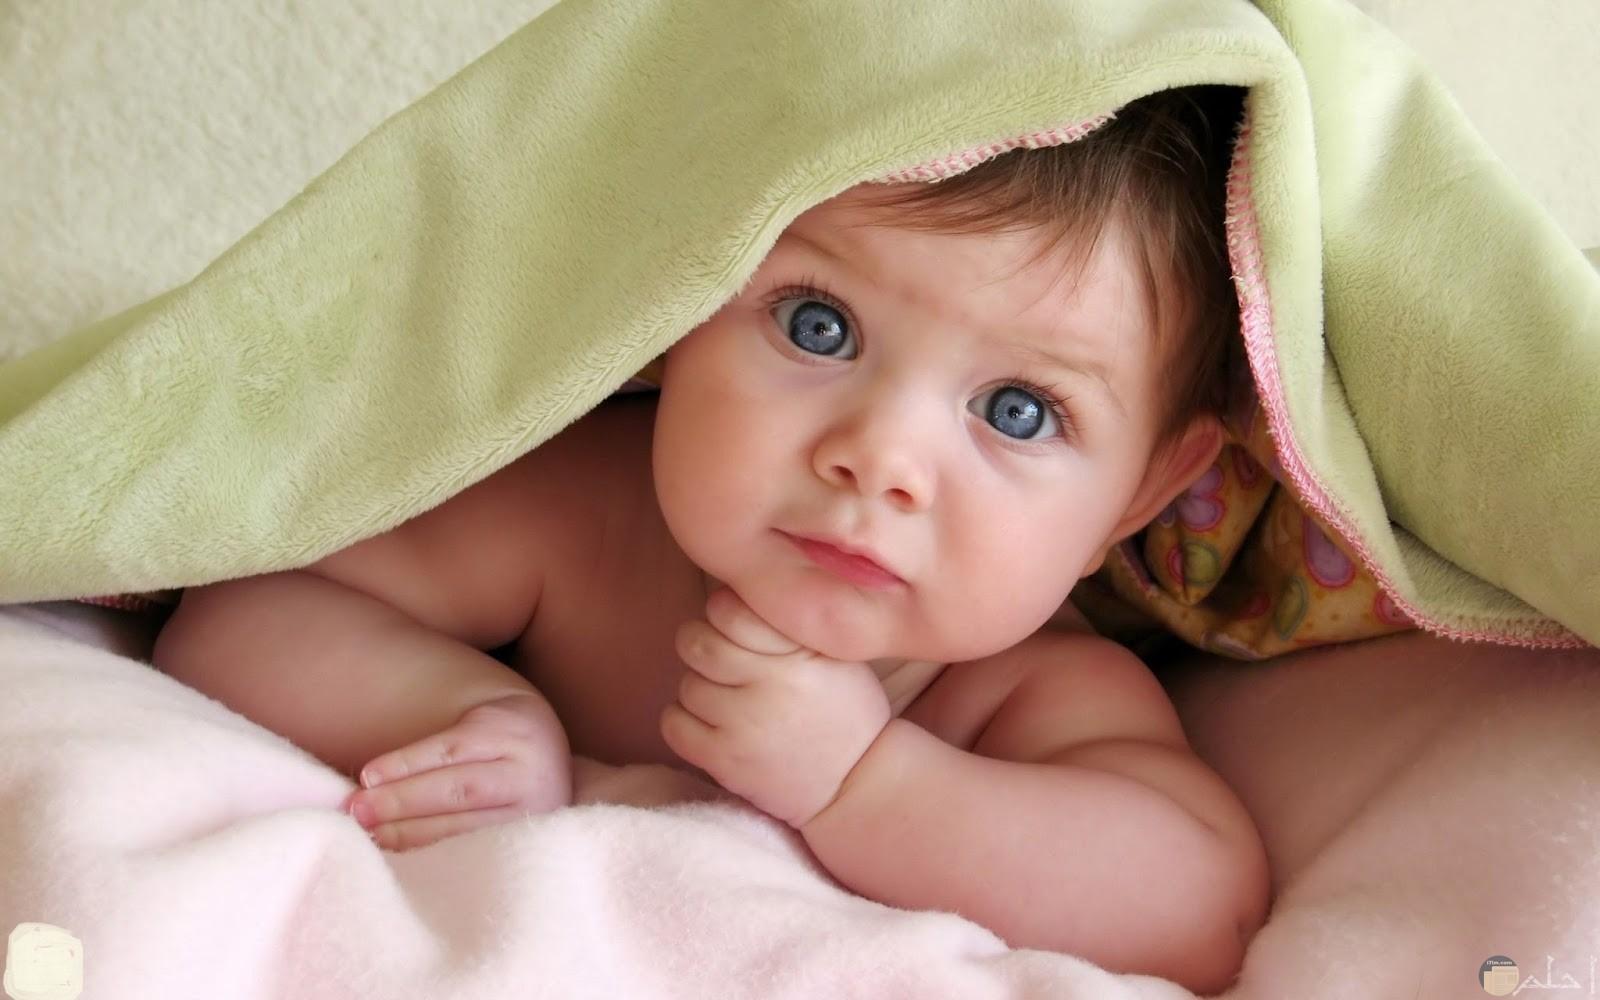 صورة جميلة لطفل يداعبنا.